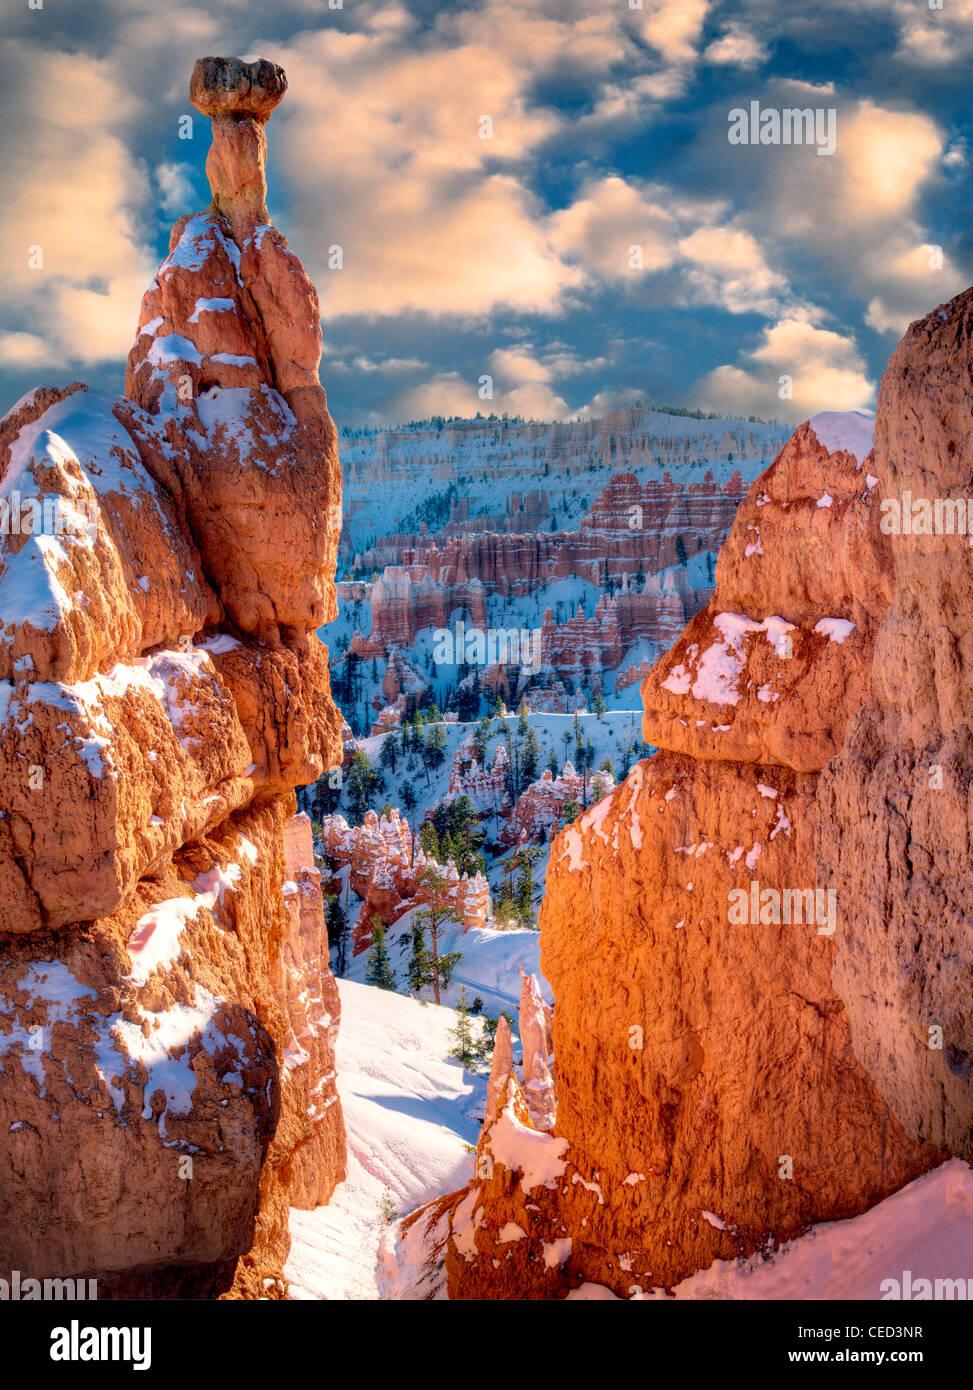 Neige sur les cheminées. Bryce Canyon National Park, Utah Banque D'Images